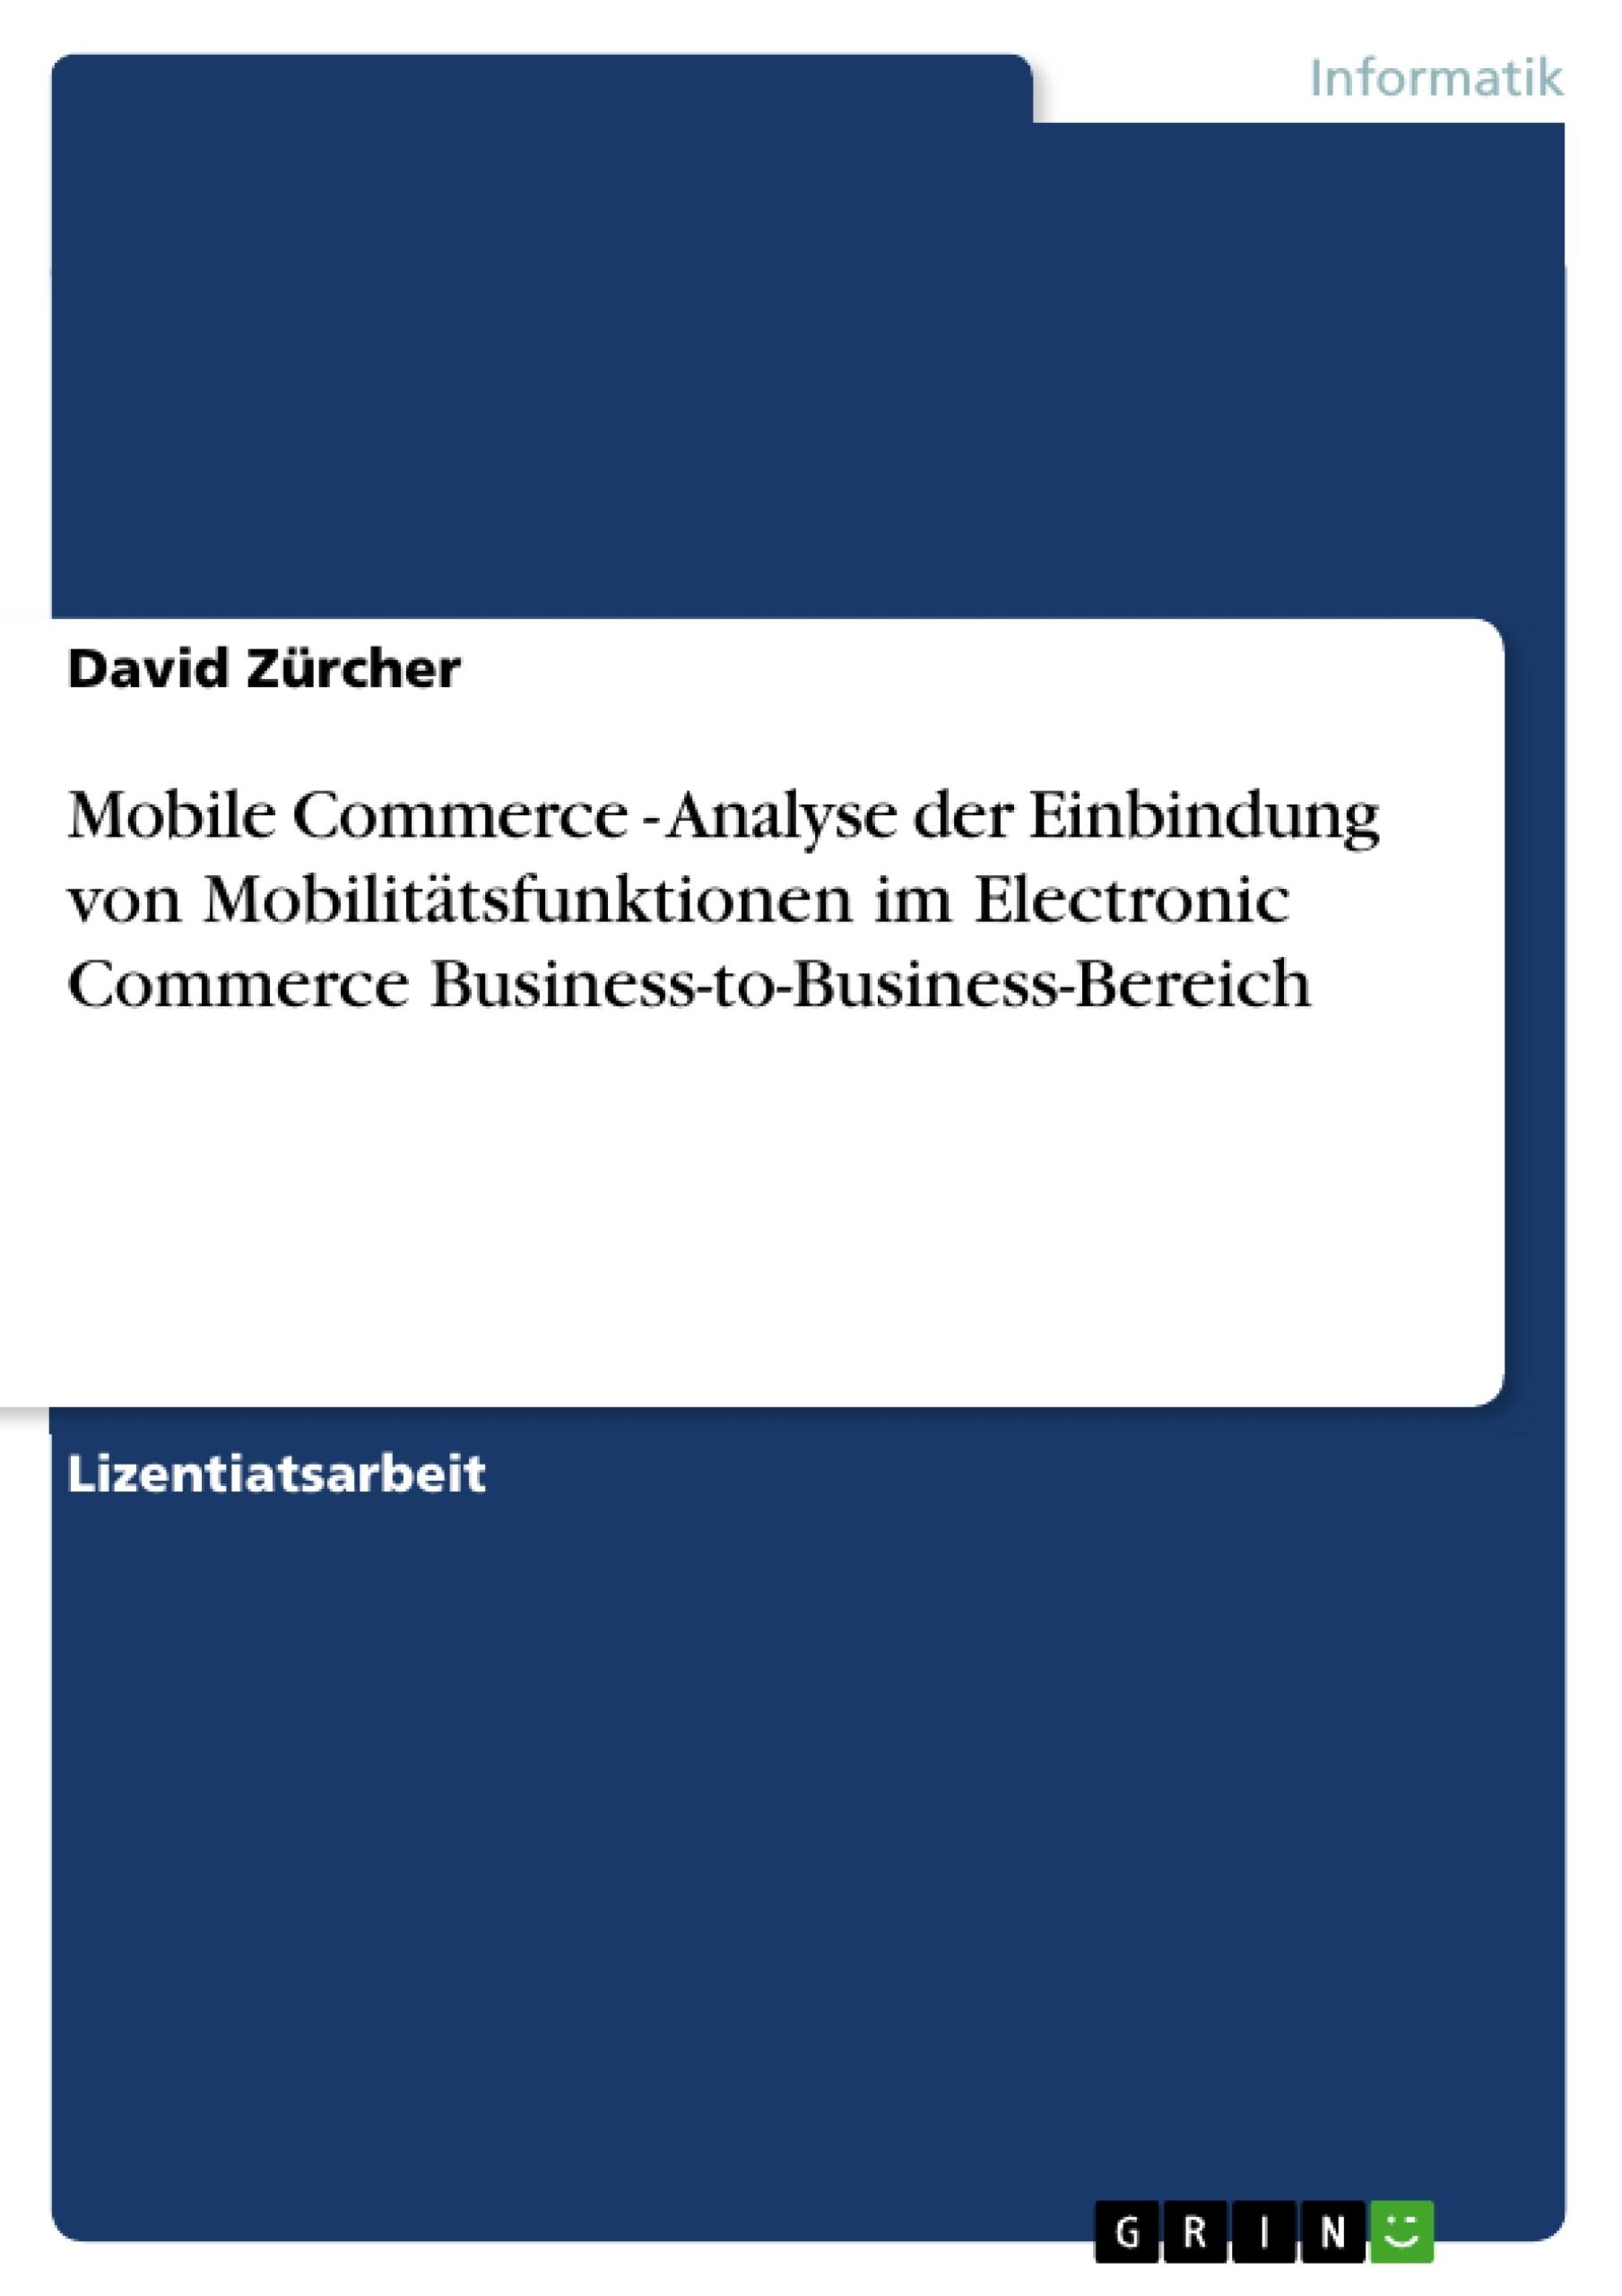 Titel: Mobile Commerce - Analyse der Einbindung von Mobilitätsfunktionen im Electronic Commerce Business-to-Business-Bereich